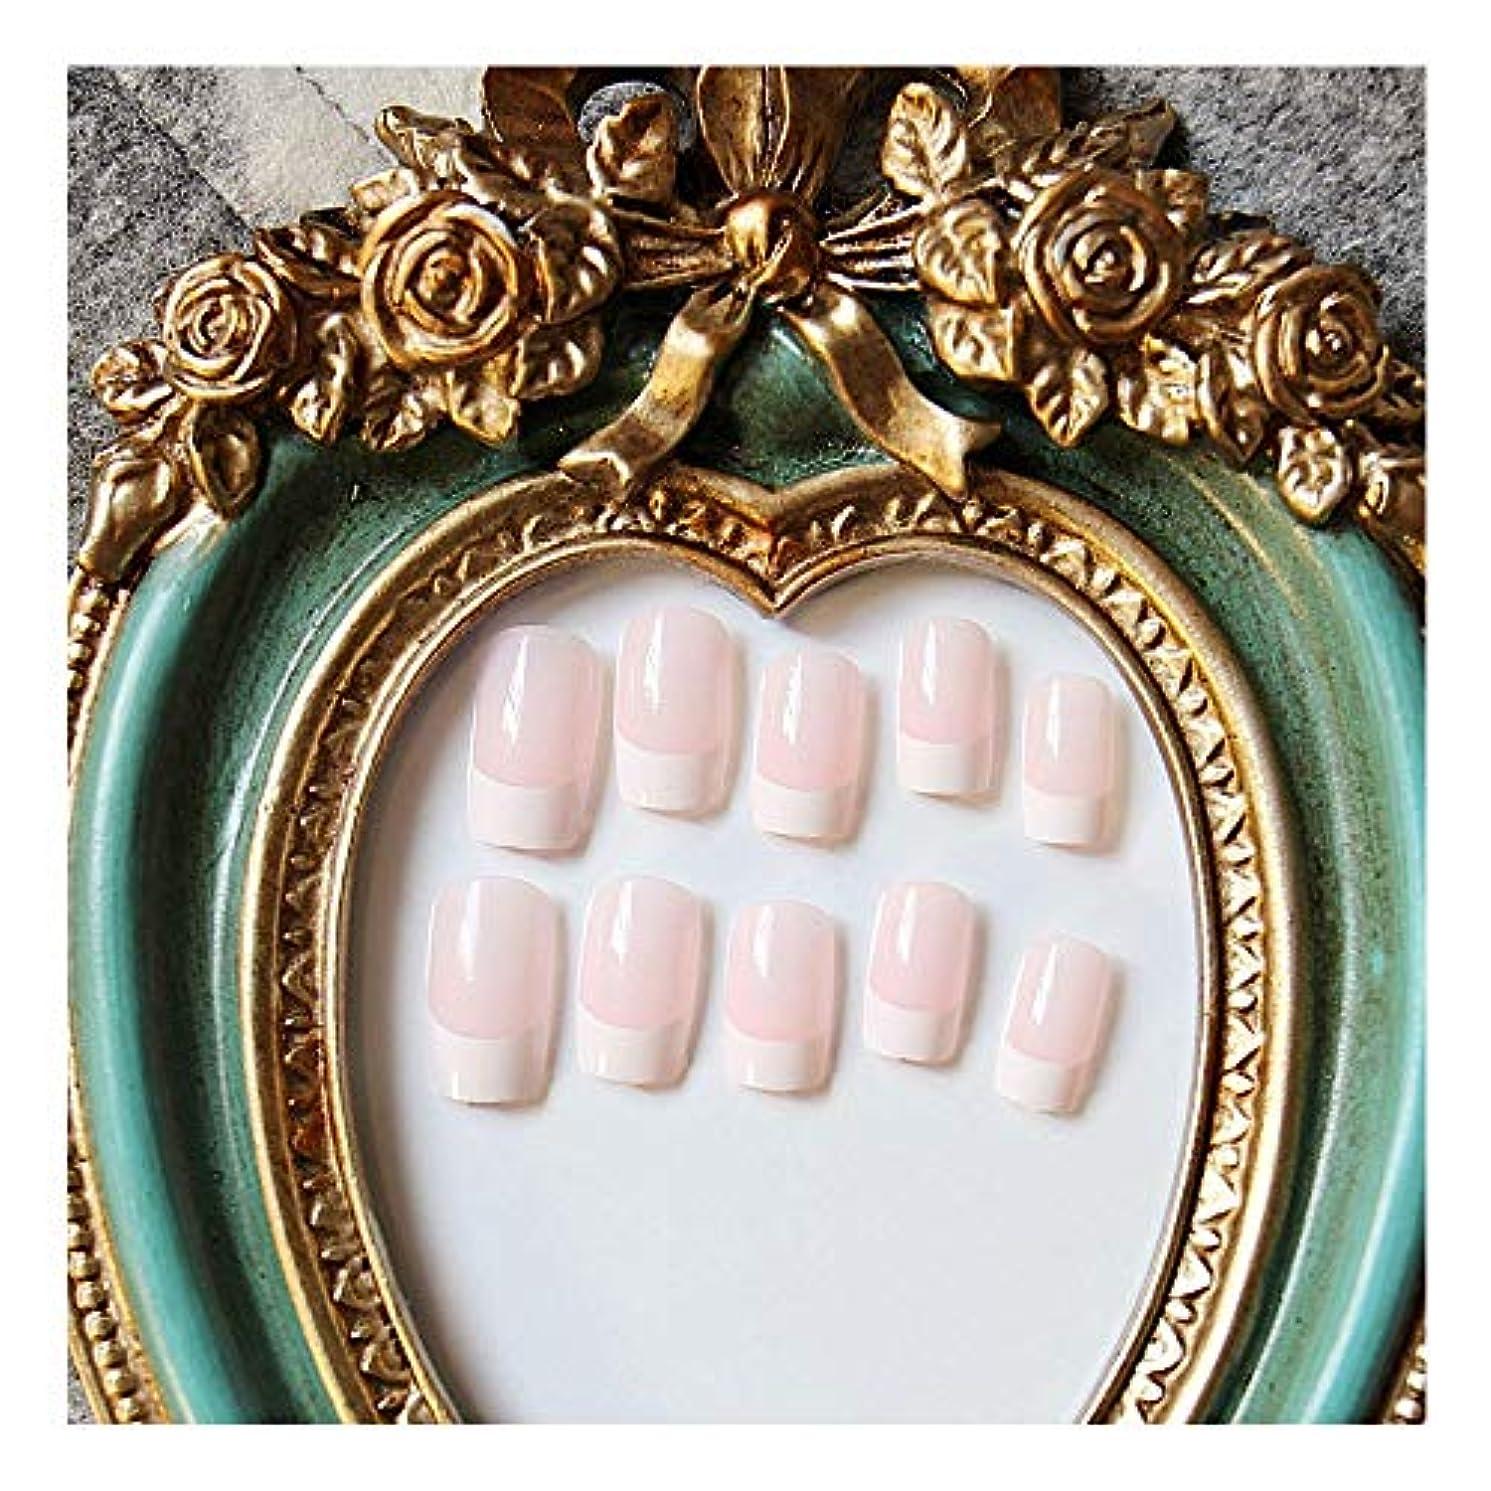 クリスマス読書良心的BOBIDYEE ピンク+ホワイトフェイク釘ショートグルー完成ネイルアート偽の釘 (色 : 24 pieces)